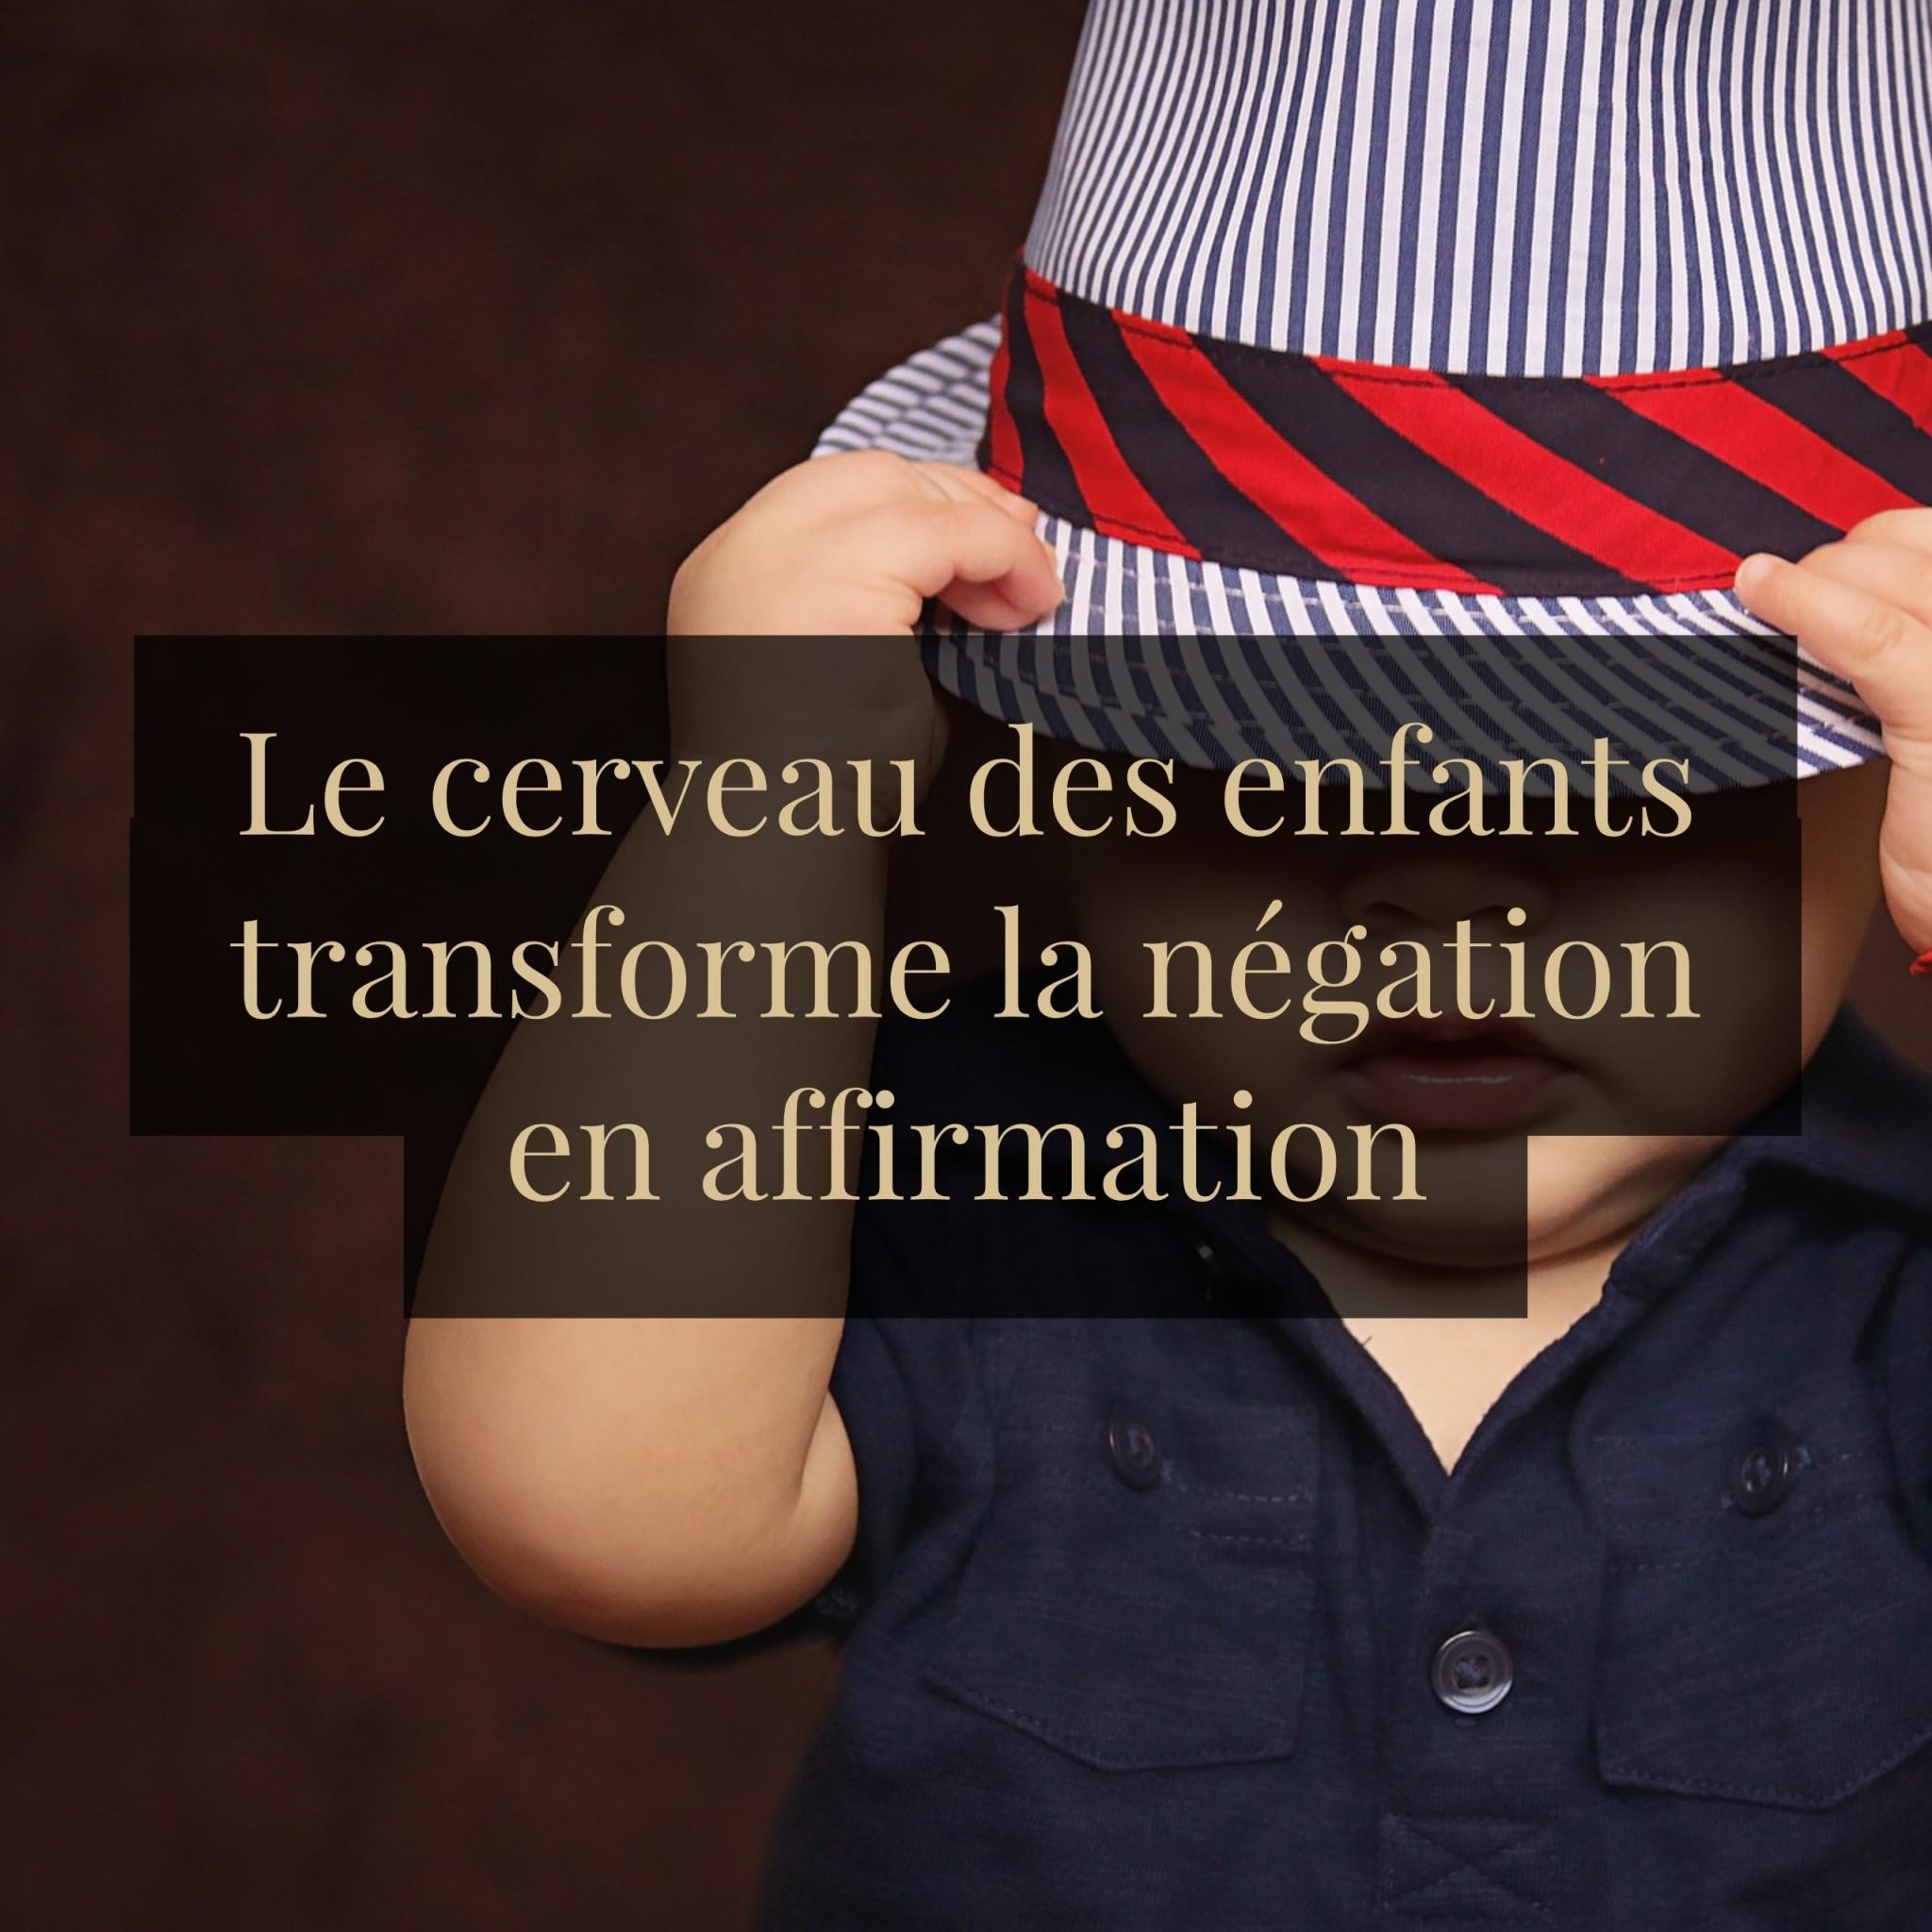 le-cerveau-des-enfants-transforme-la-negation-en-affirmation